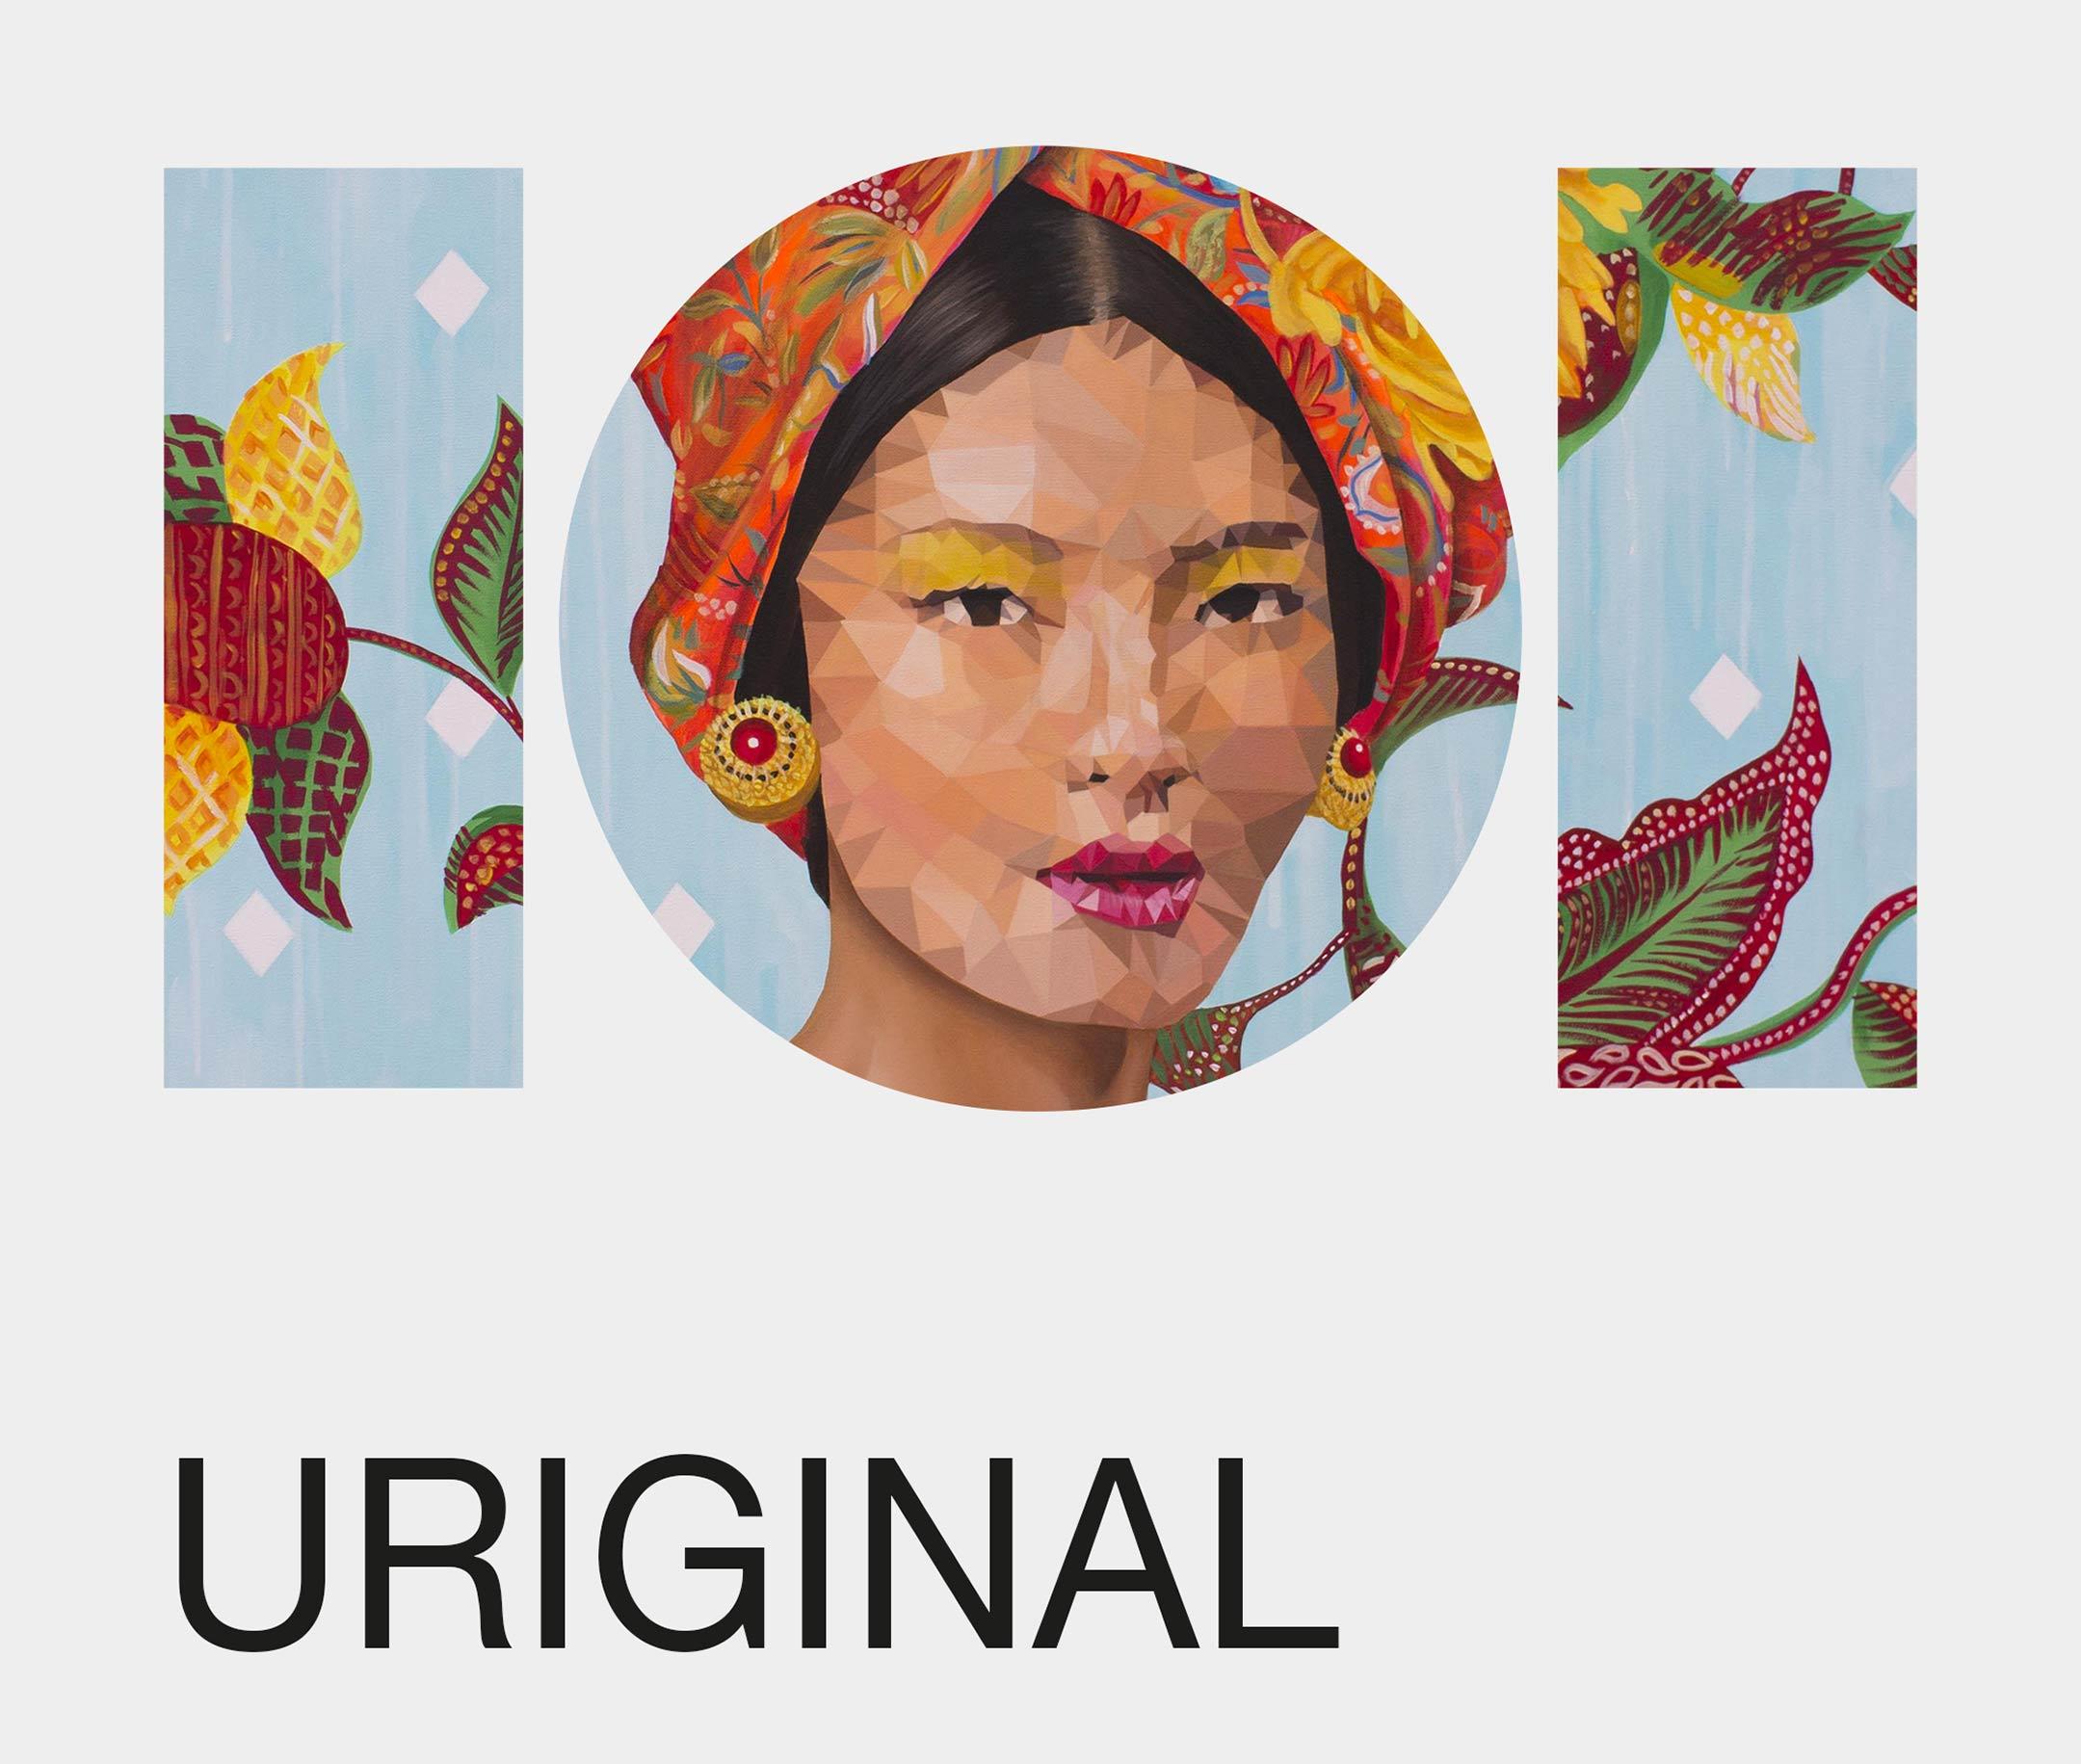 URIGINAL_IG